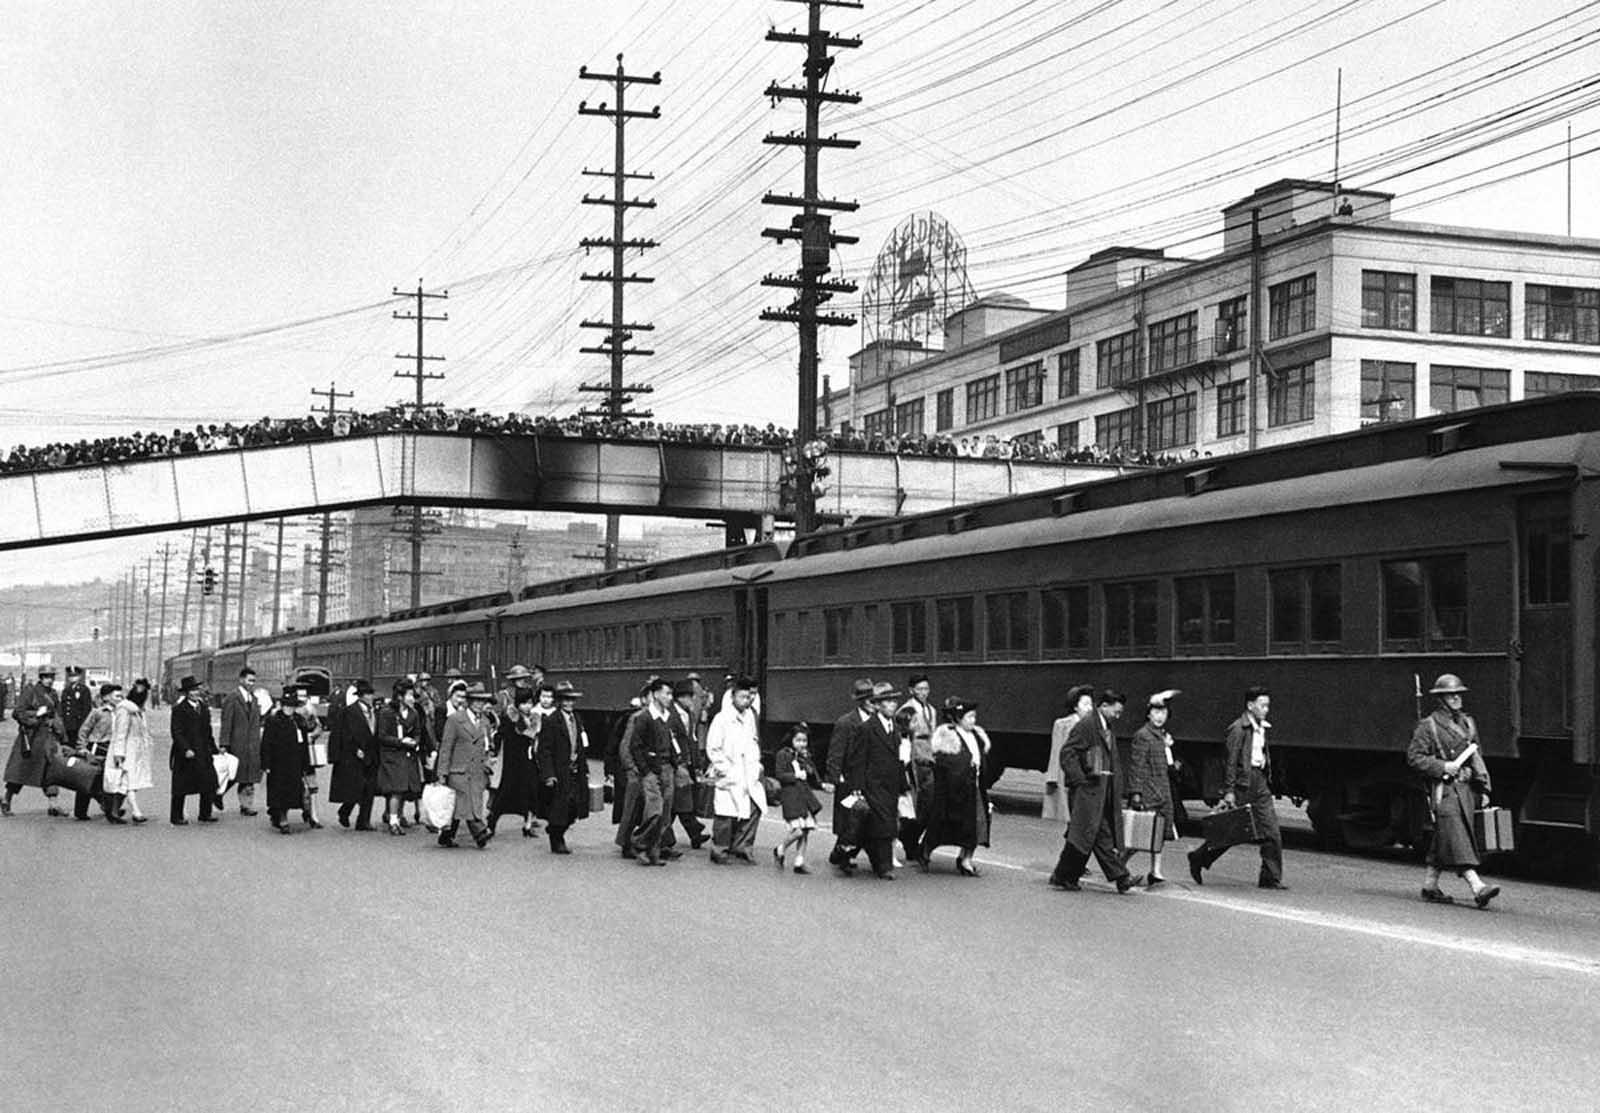 El 30 de marzo de 1942, una multitud de espectadores en Seattle realizó una caminata por encima de la cabeza para presenciar la evacuación masiva de japoneses de la isla de Bainbridge, Washington. Un poco desconcertados, pero sin protestar, unos 225 hombres, mujeres y niños japoneses fueron tomados en ferry y autobús. y tren a los campos de internamiento de California. La evacuación fue llevada a cabo por el Ejército de los Estados Unidos.